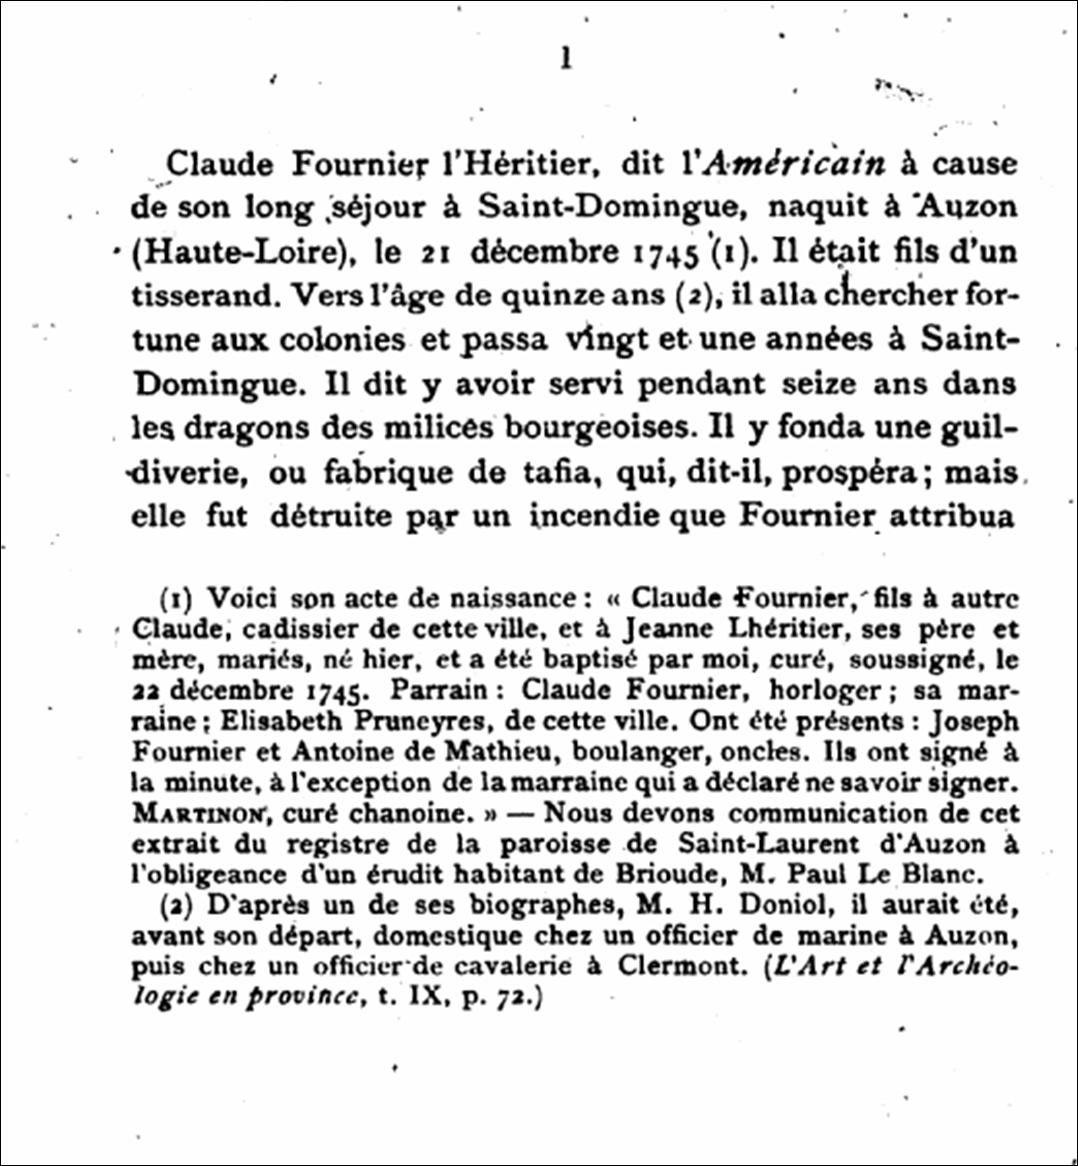 Personnalité né à Auzon:Claude Fournier dit L'américain